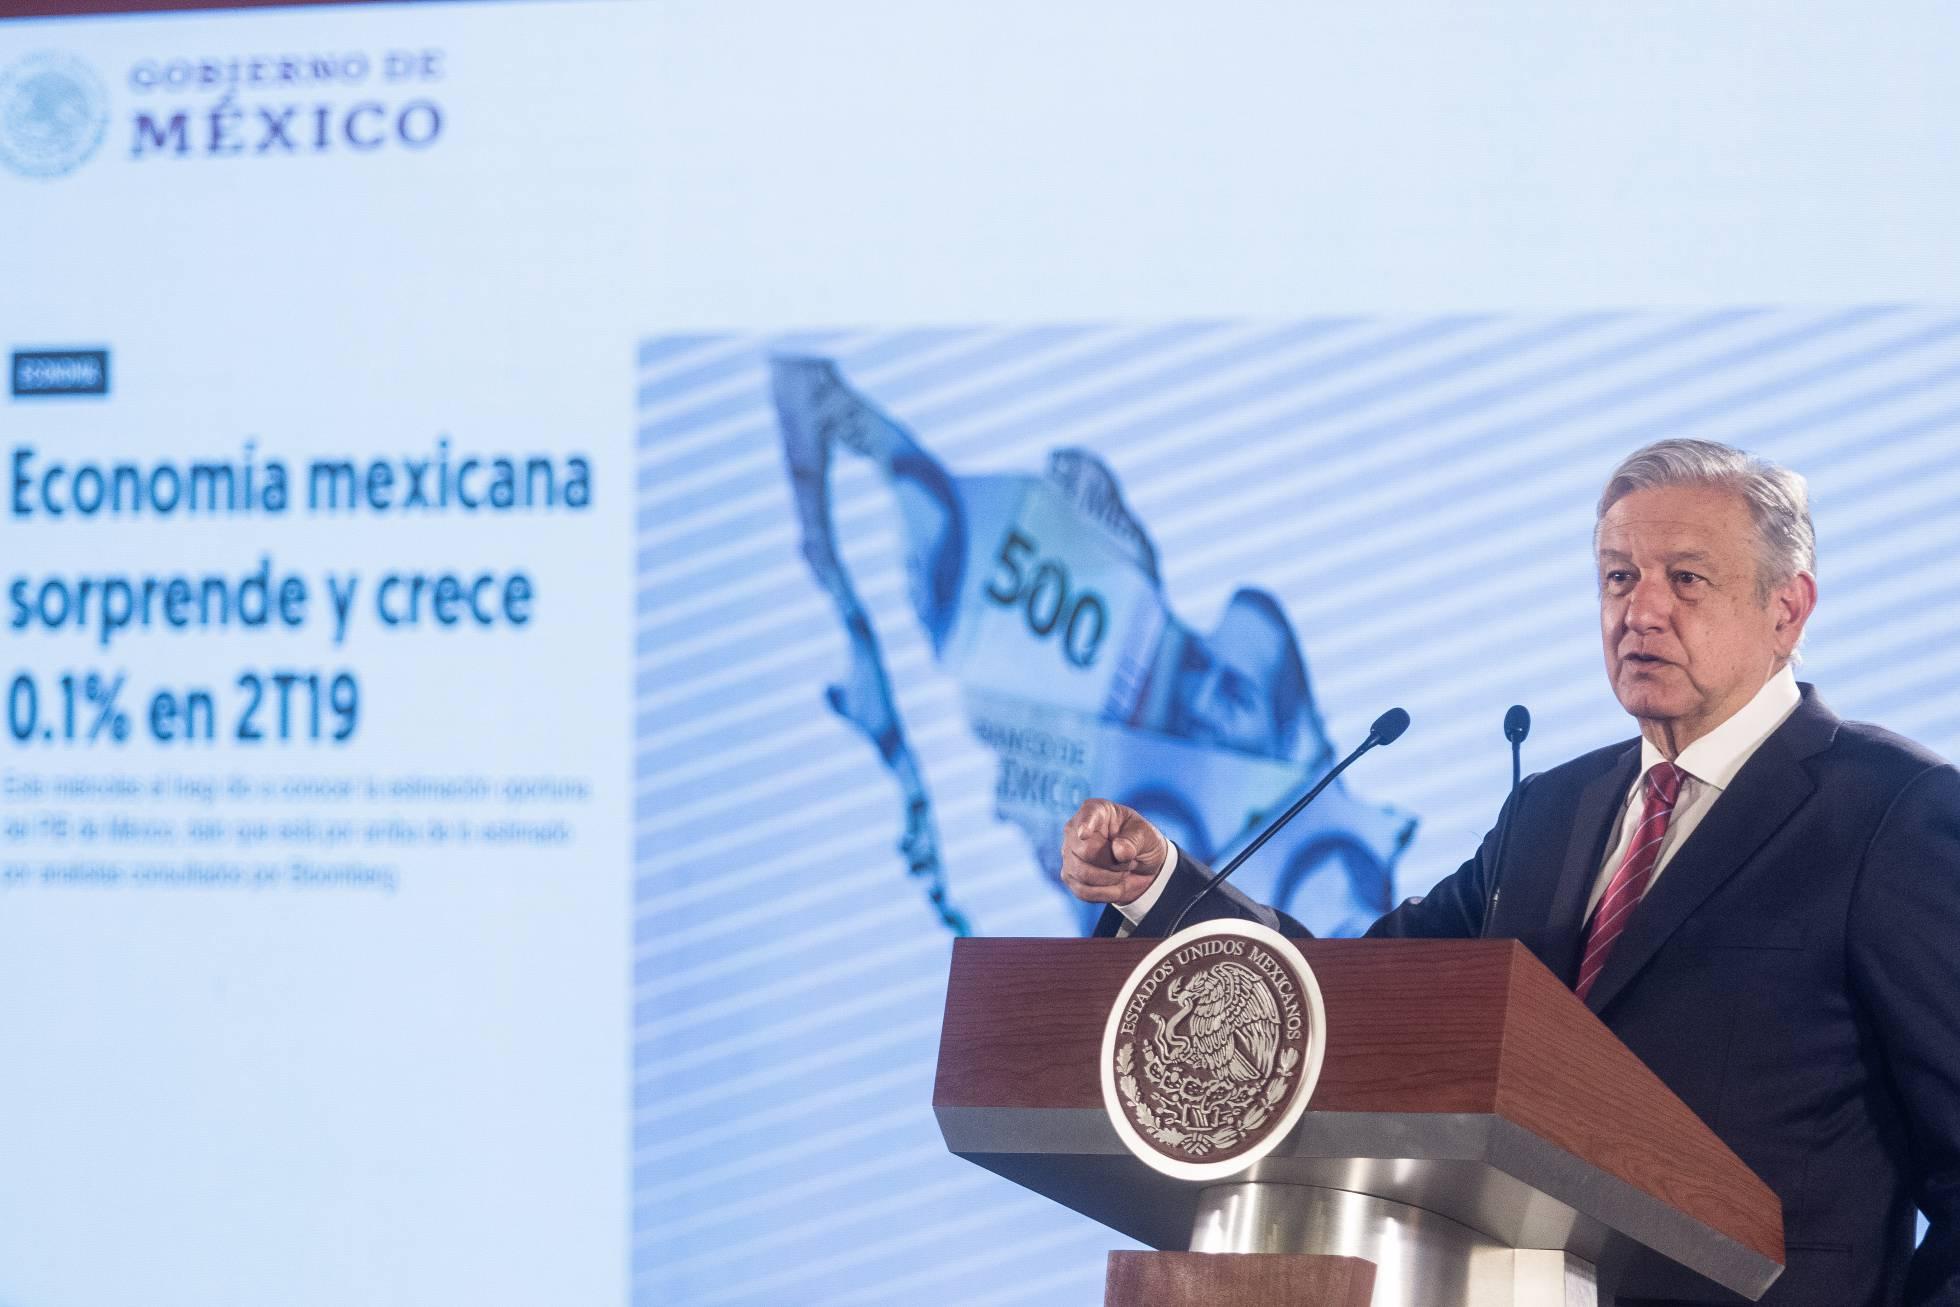 1 Lopez Obrador en conferencia de prensa